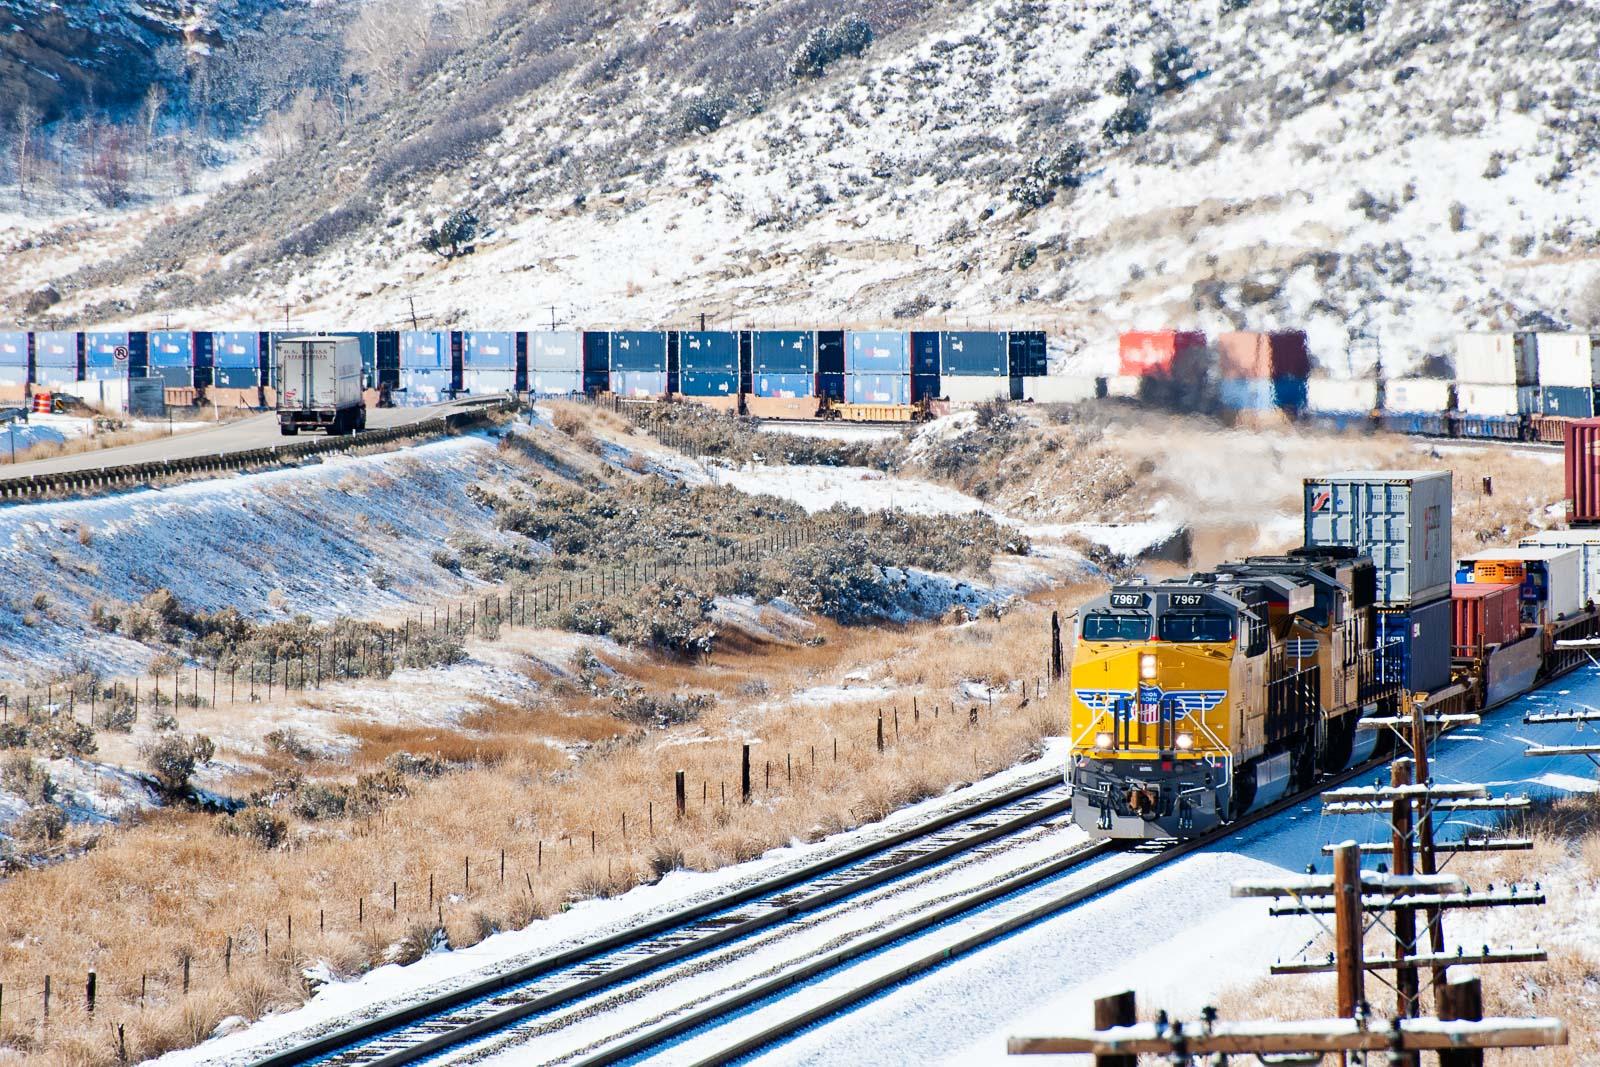 Güterzug in den USA mit Schnee und Trucks – Industriefoto